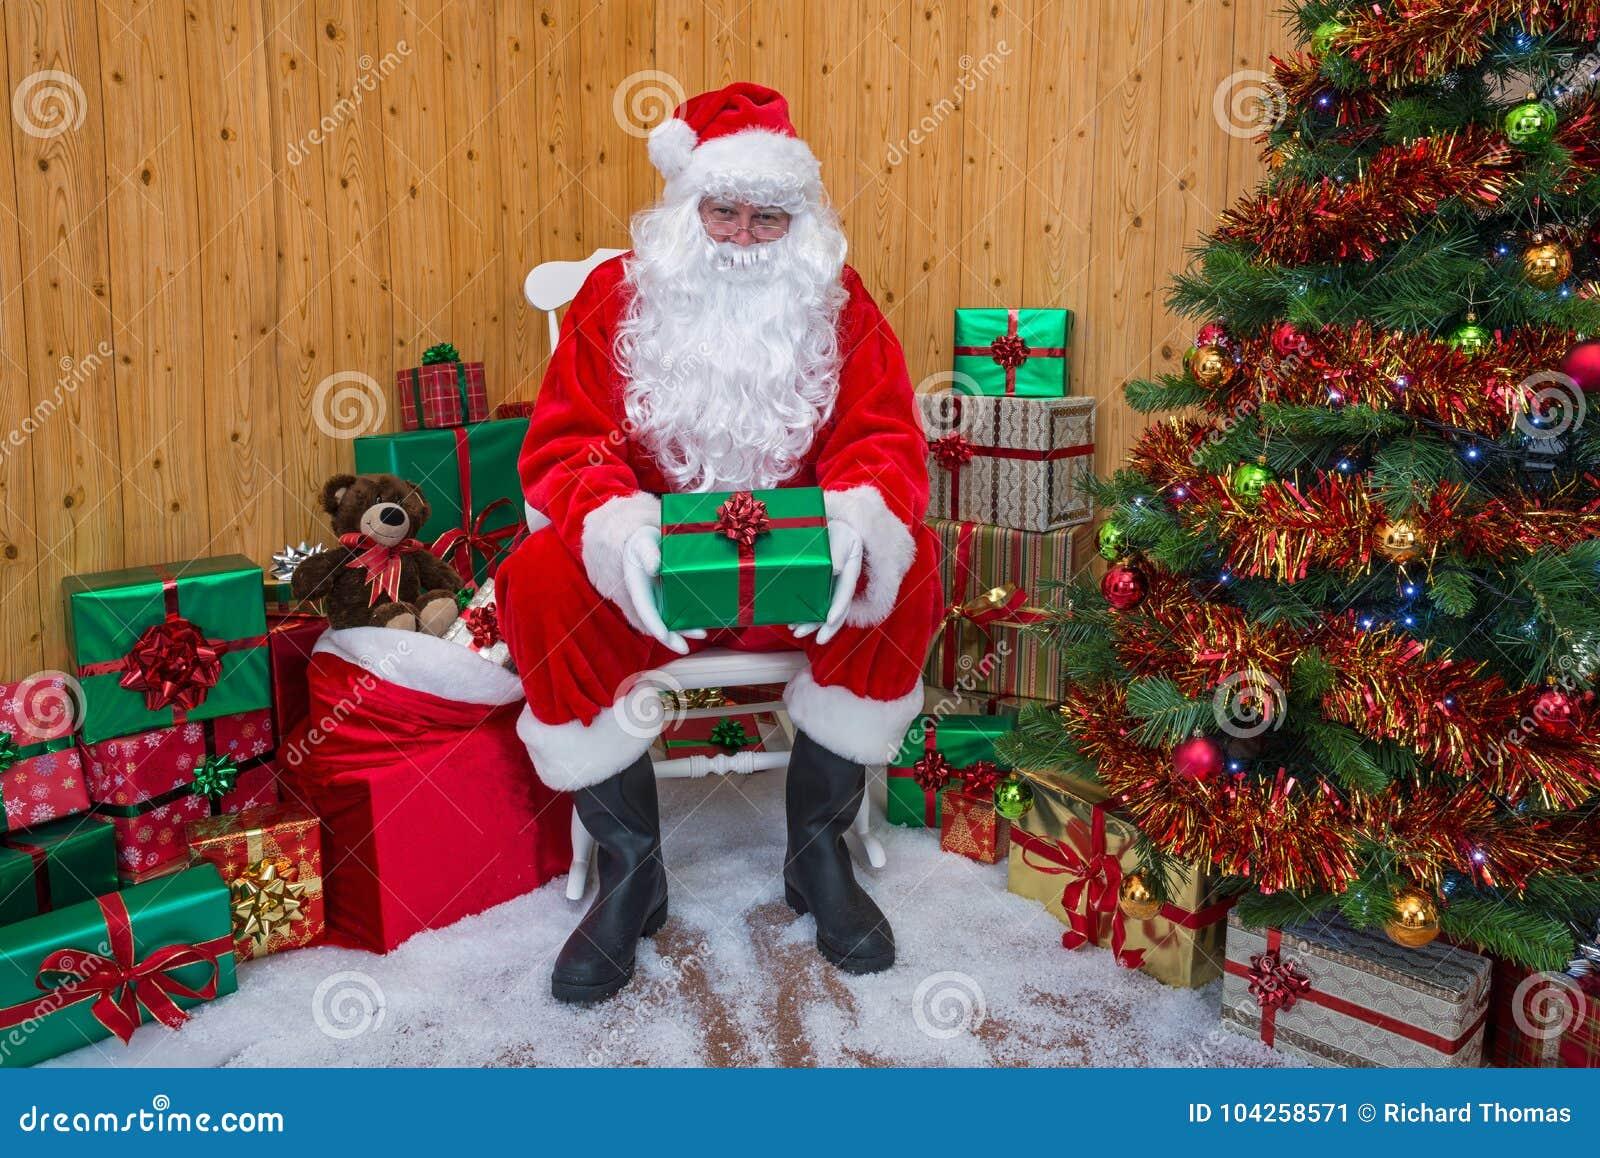 Santa Claus i en grotta som ger dig en gåva